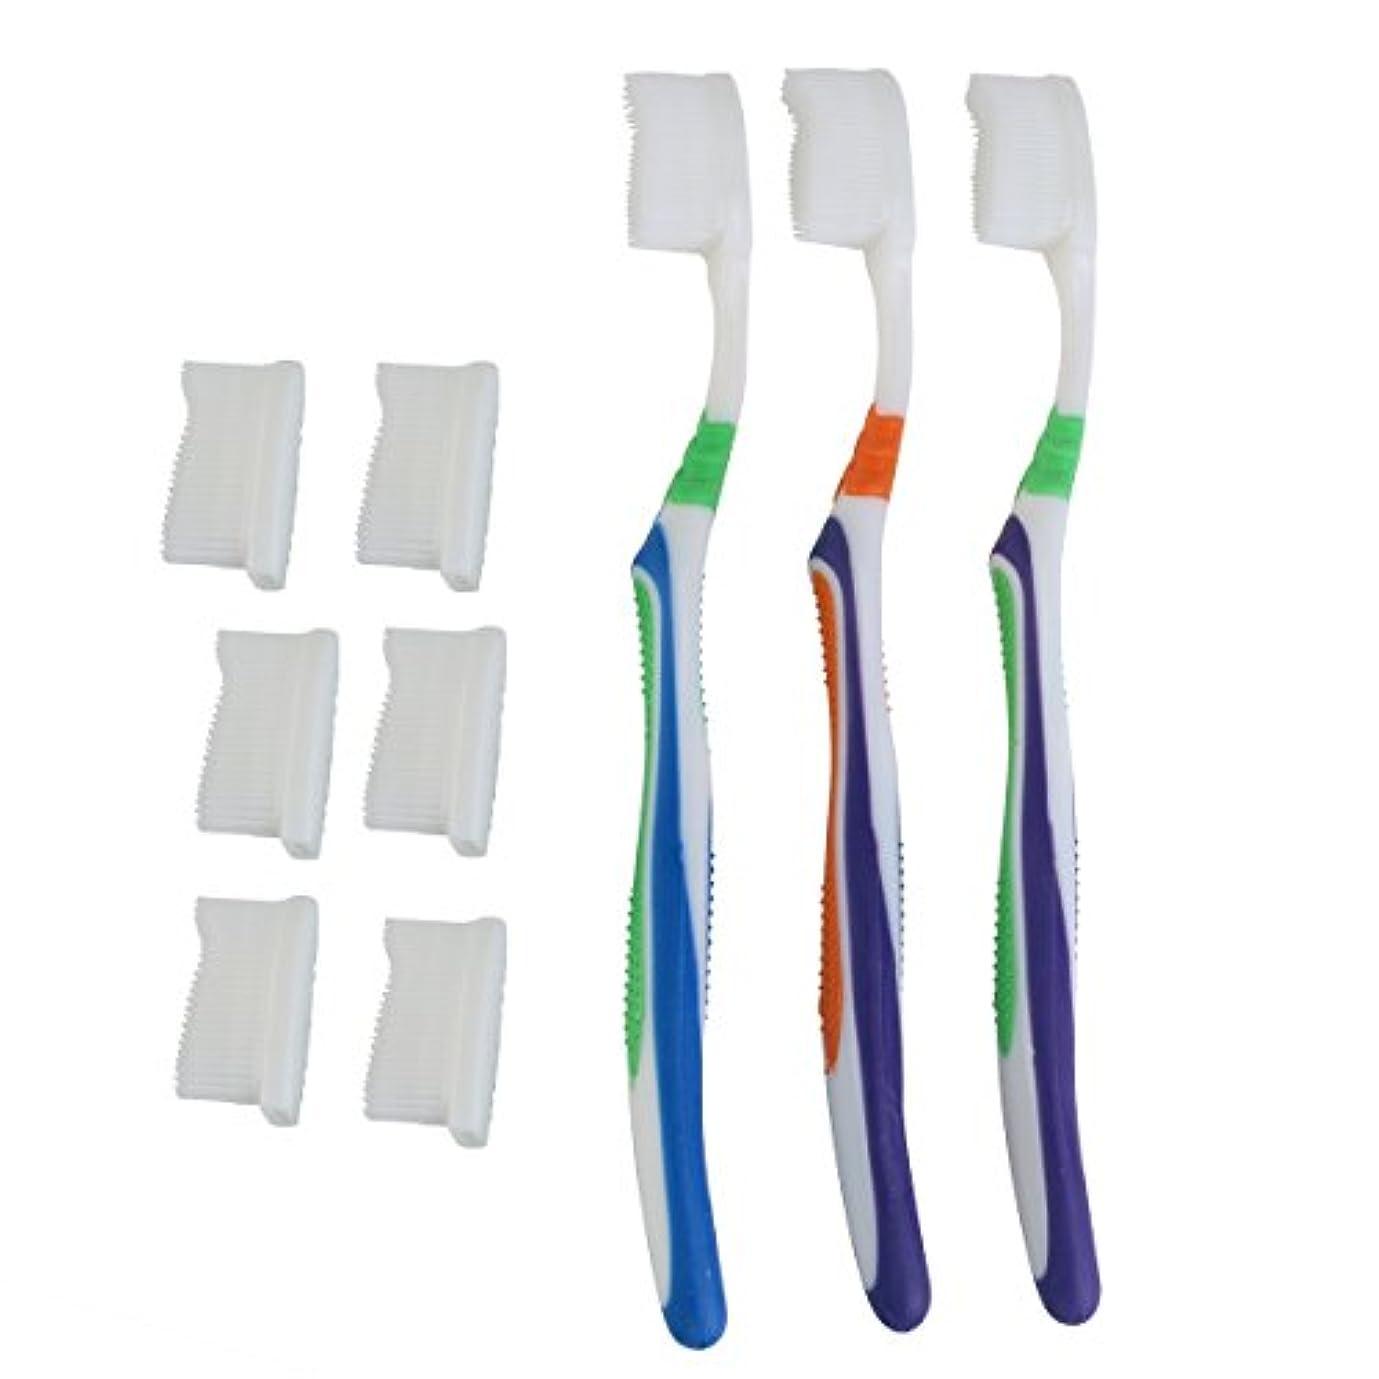 TOPBATHY 子供と大人のための歯ブラシの頭の代わりとなる柔らかい歯ブラシ(ランダムカラー)